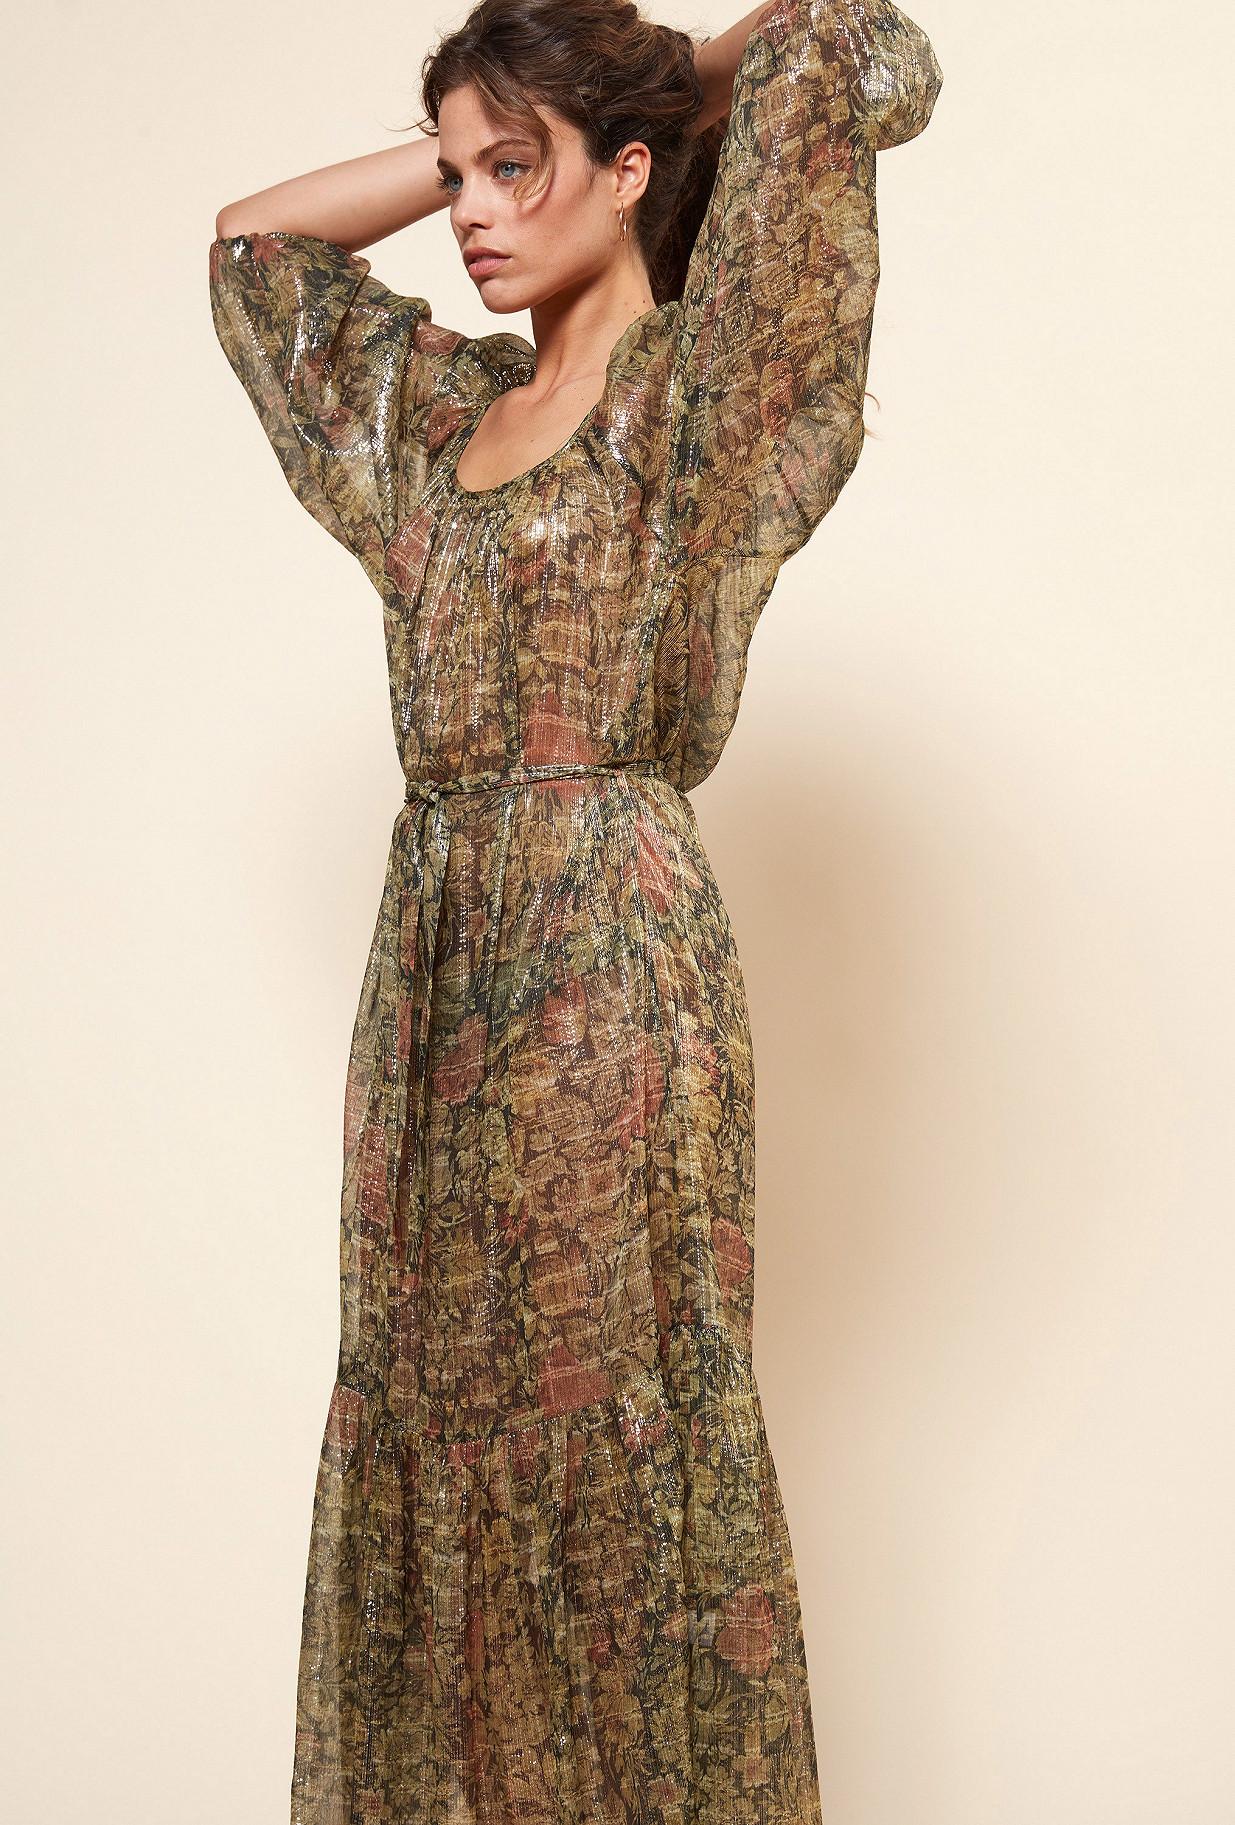 boutique de vetement Robe createur boheme  Paturage